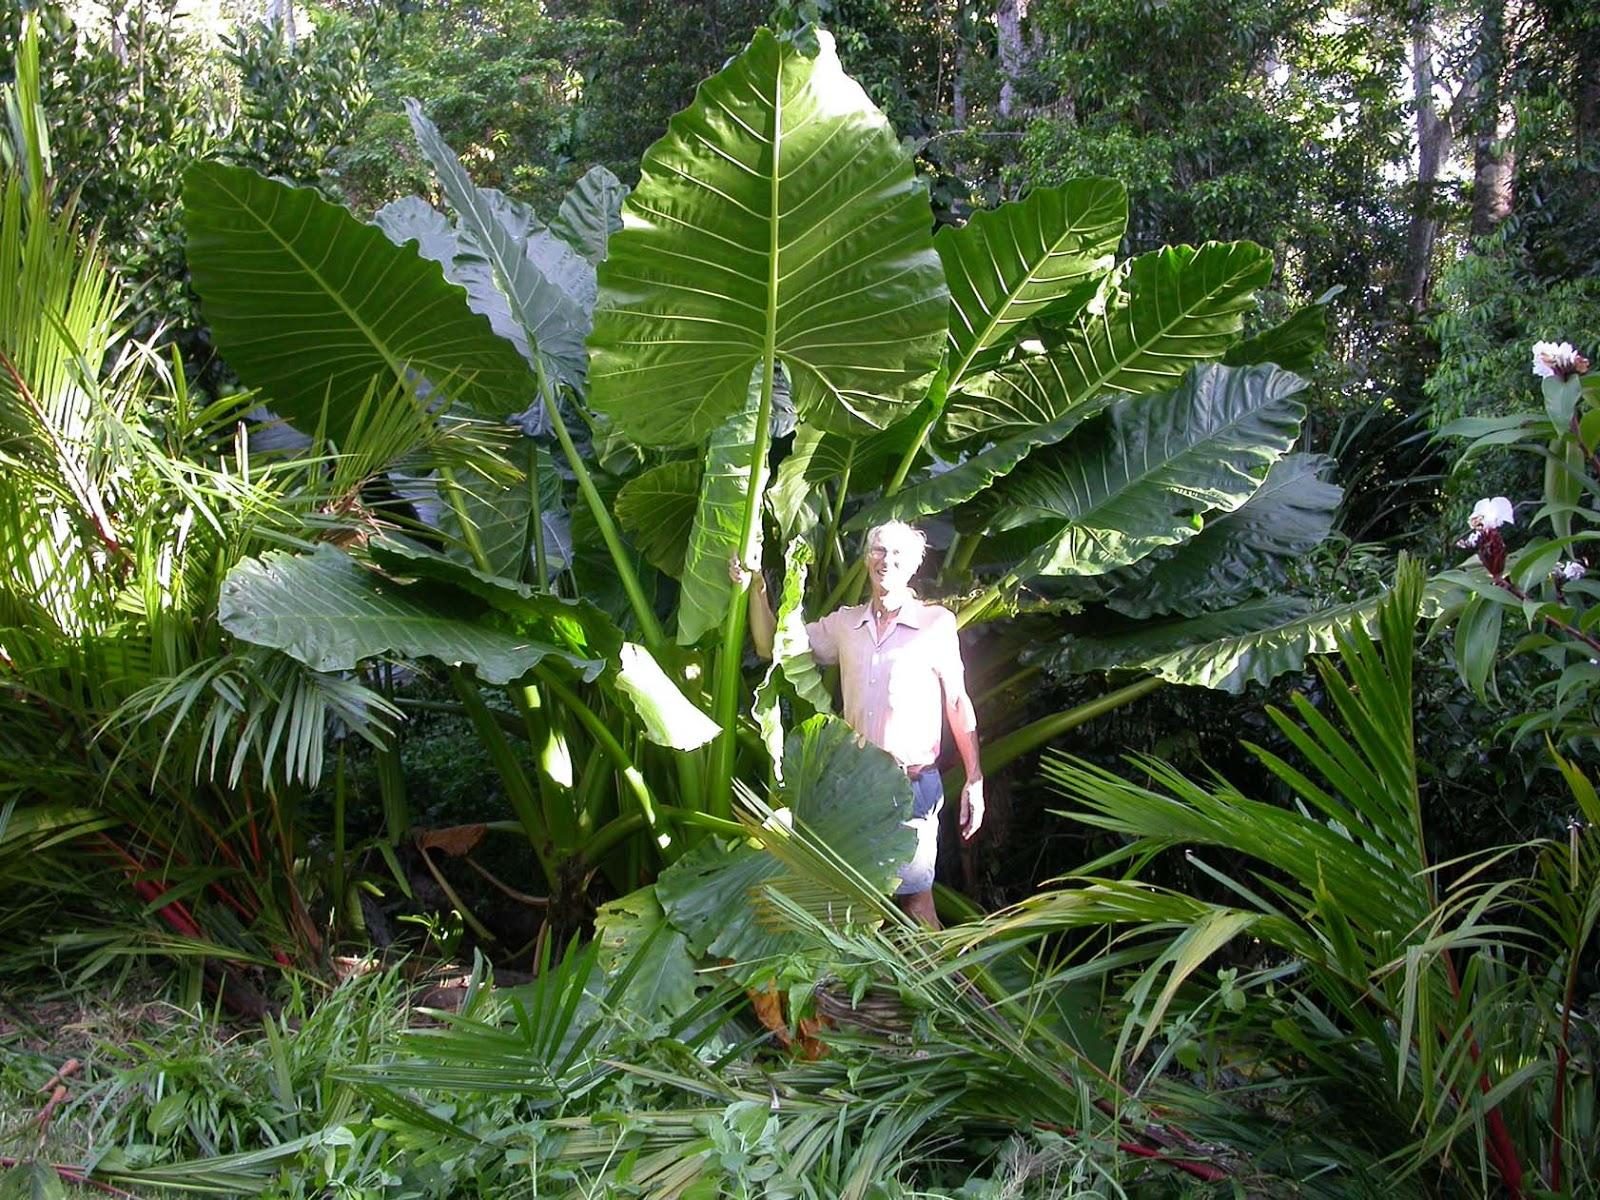 plantas jardim nordeste:Rota Mogiana: O inhame popular do Nordeste não é o mesmo inhame que